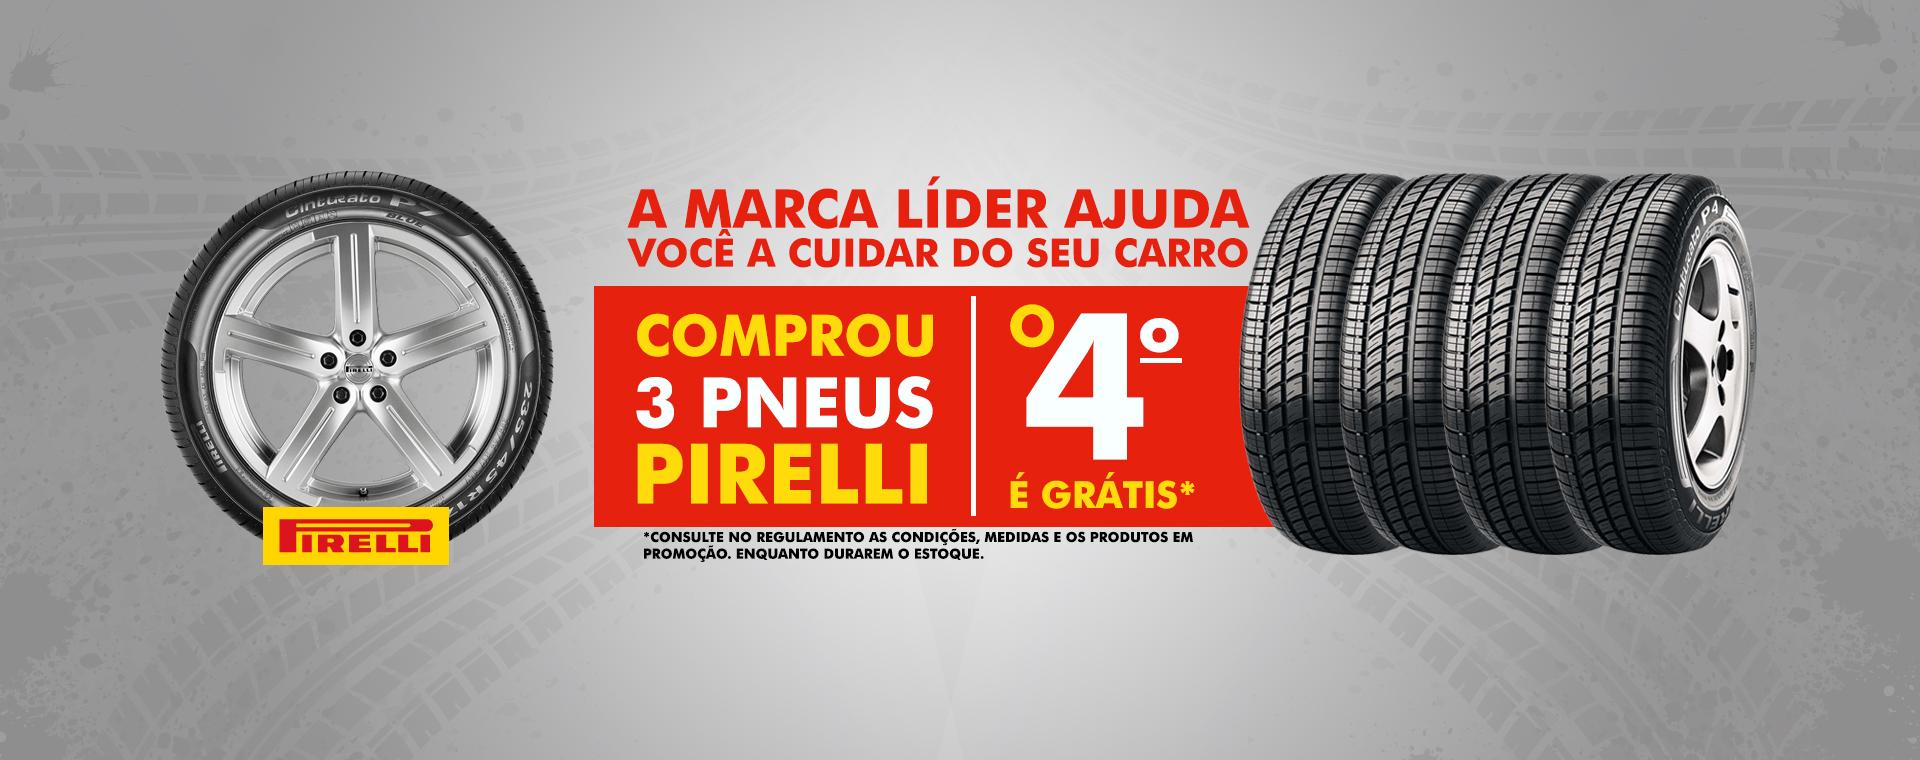 pneu pirelli compre 3 leve 4